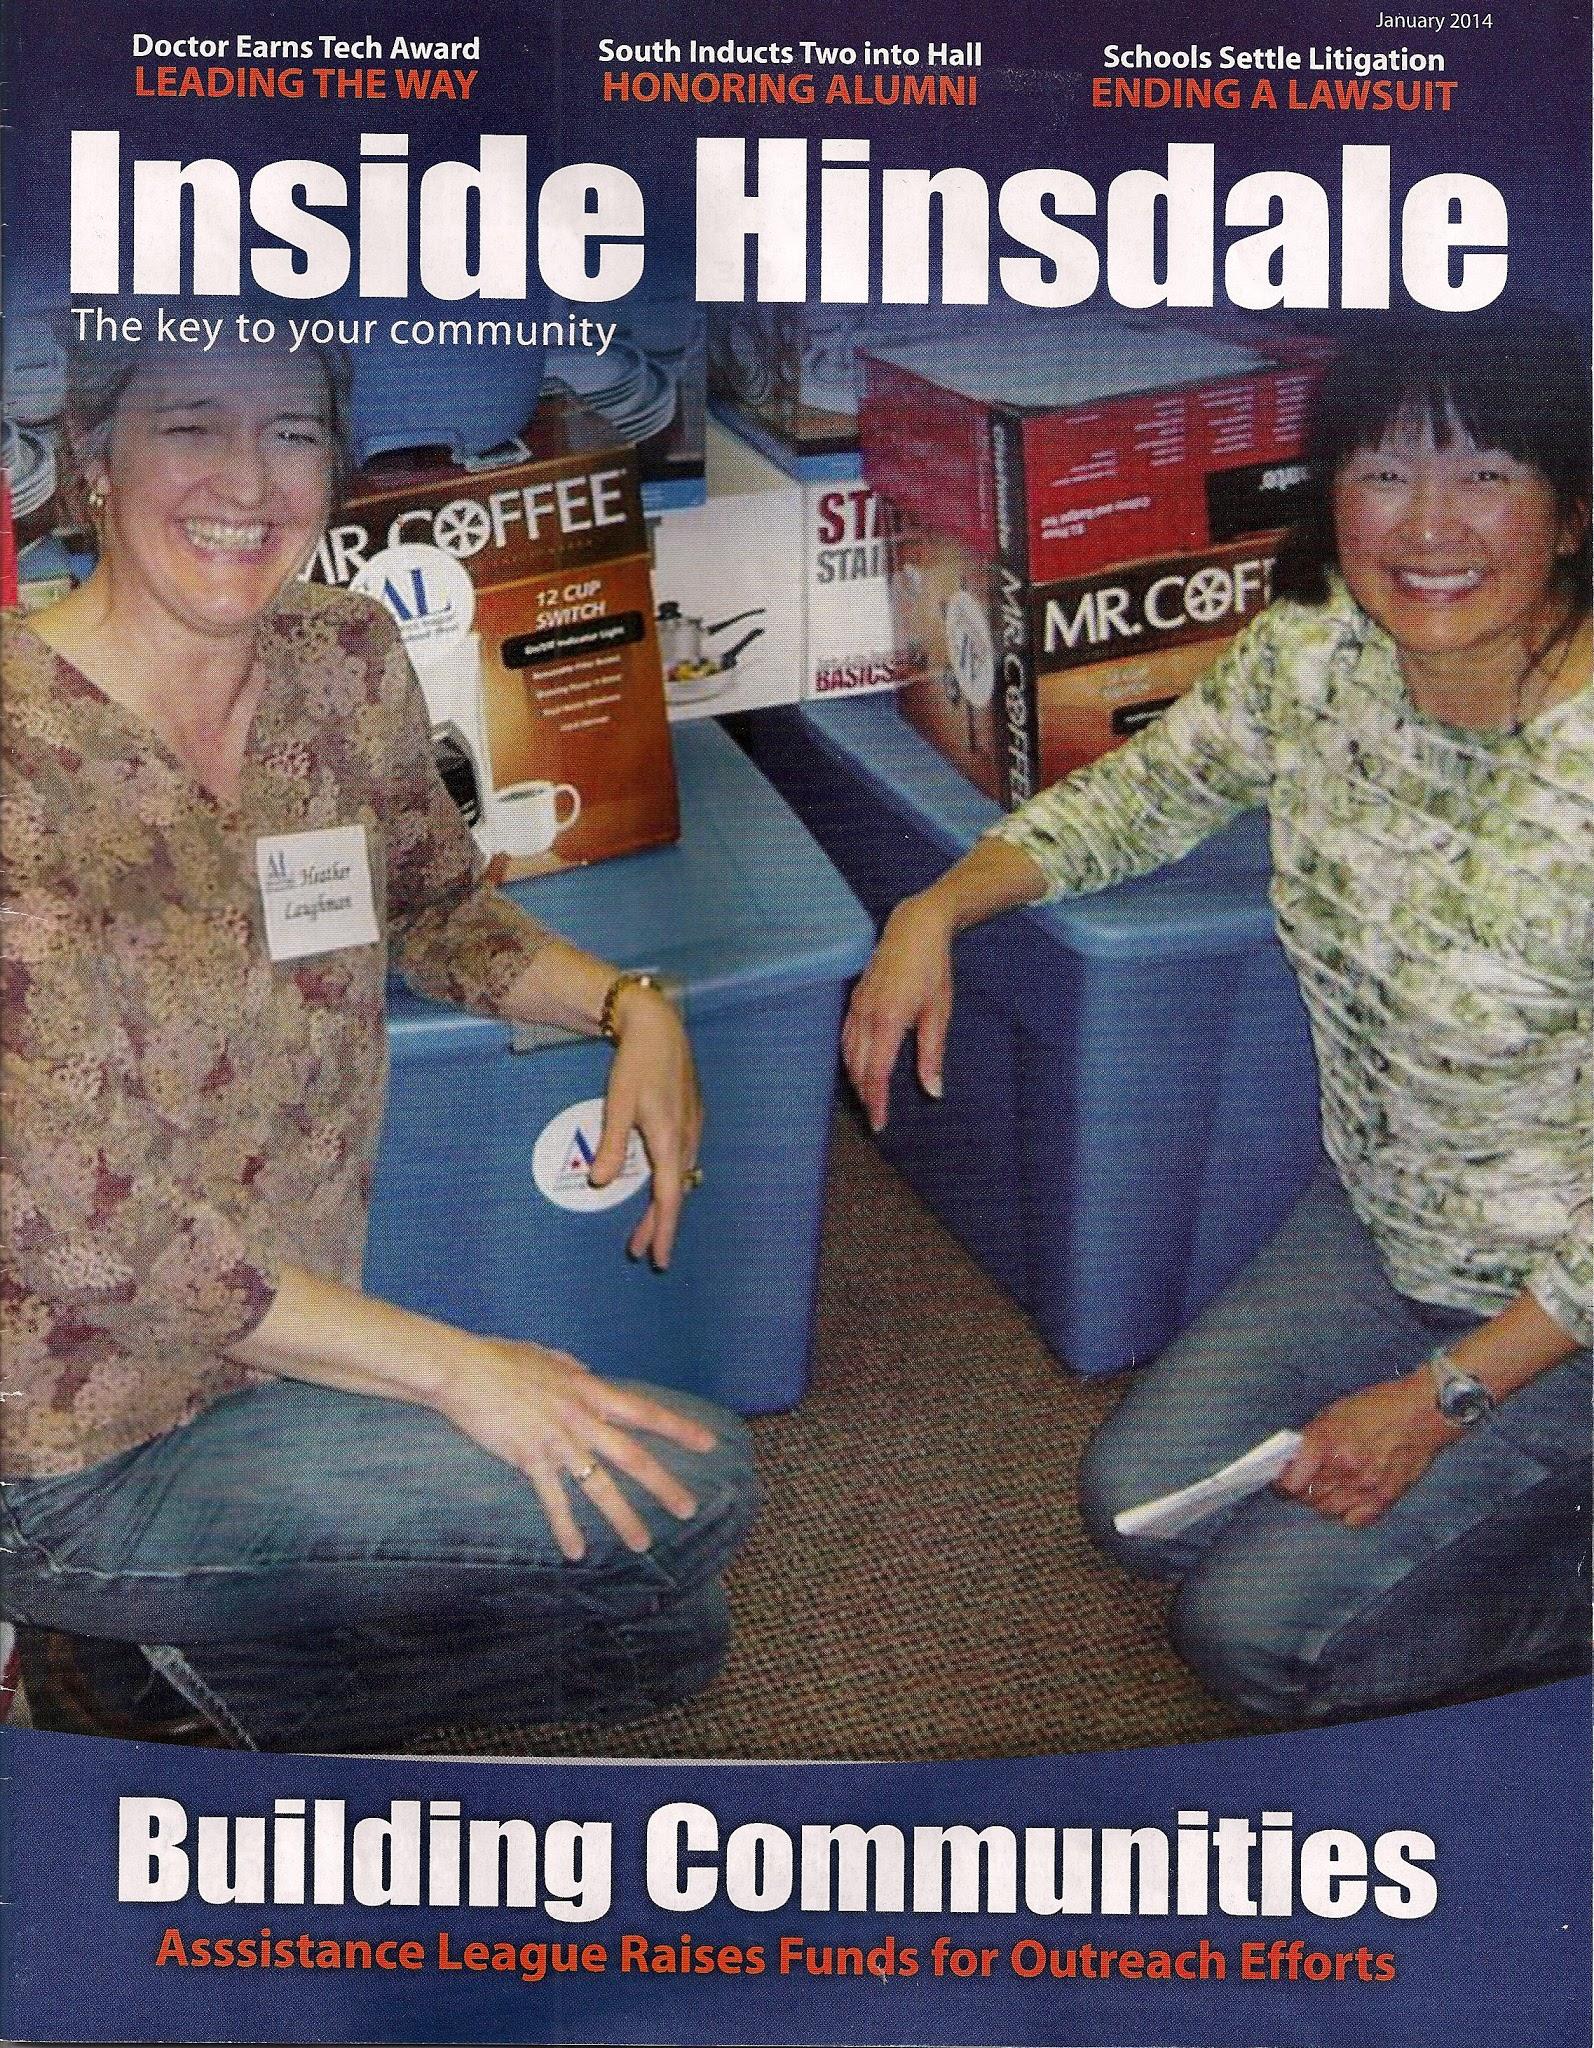 Inside Hinsdale 1_14.jpg